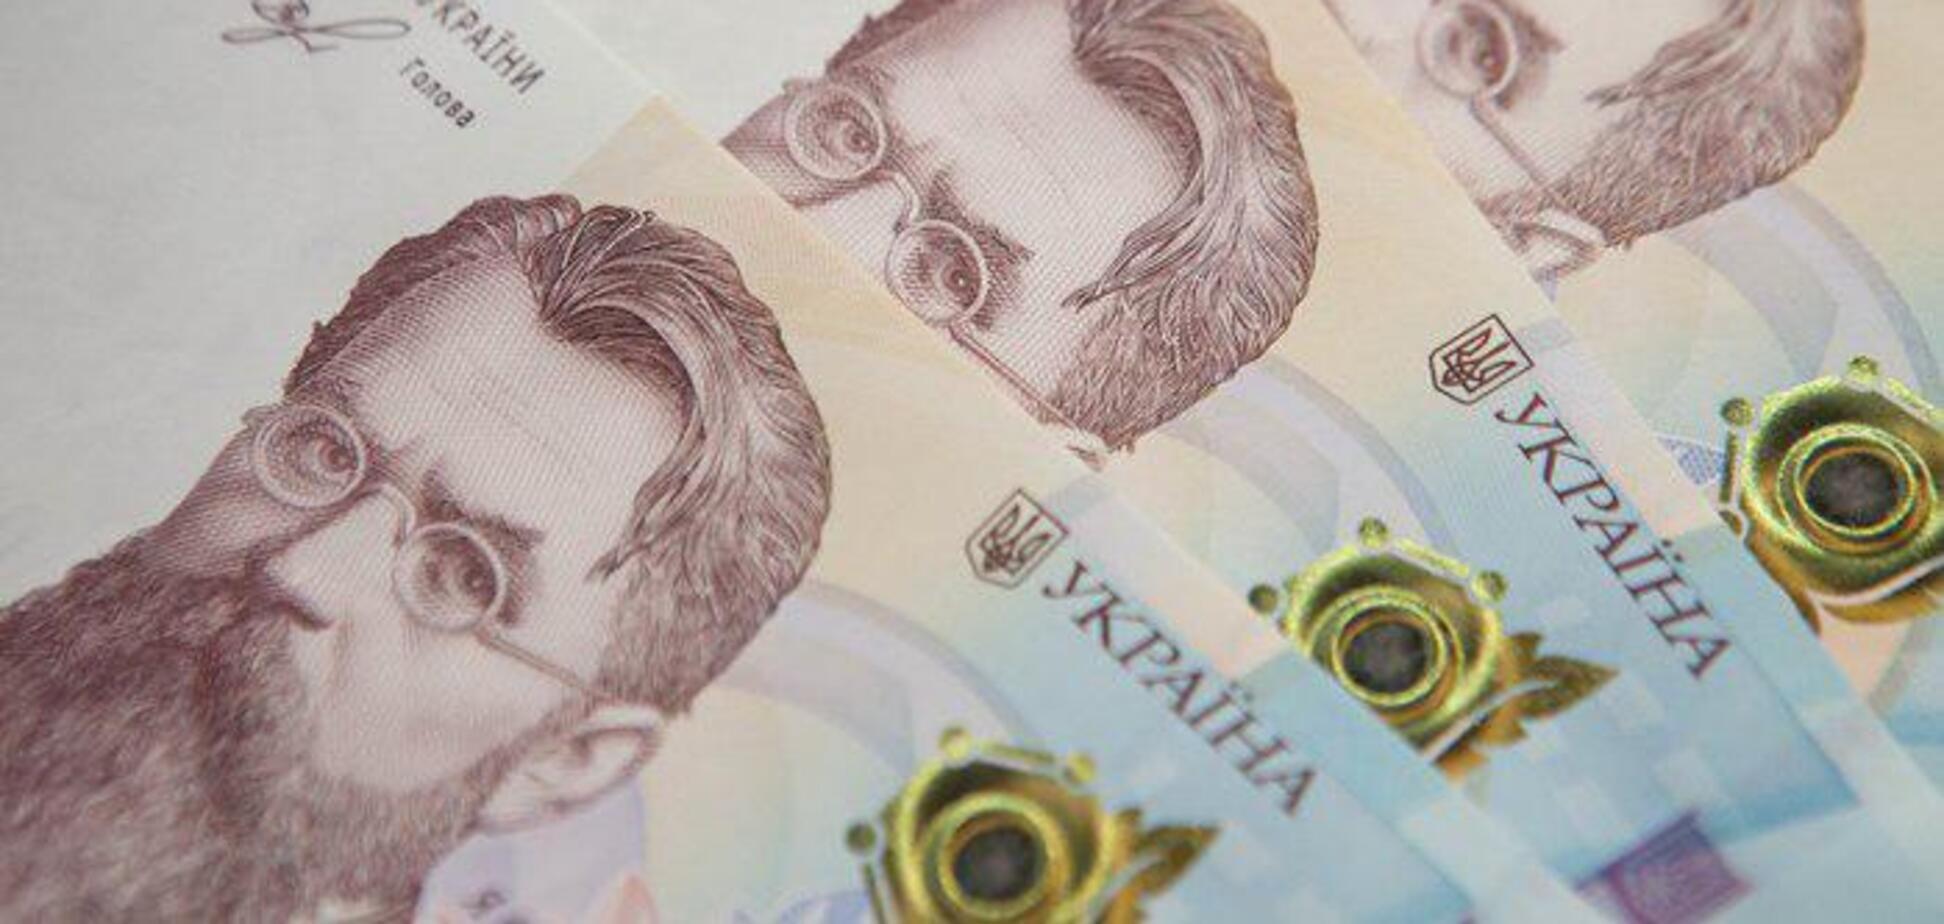 В Україні з'явилася банкнота номіналом 1000 гривень: який має вигляд